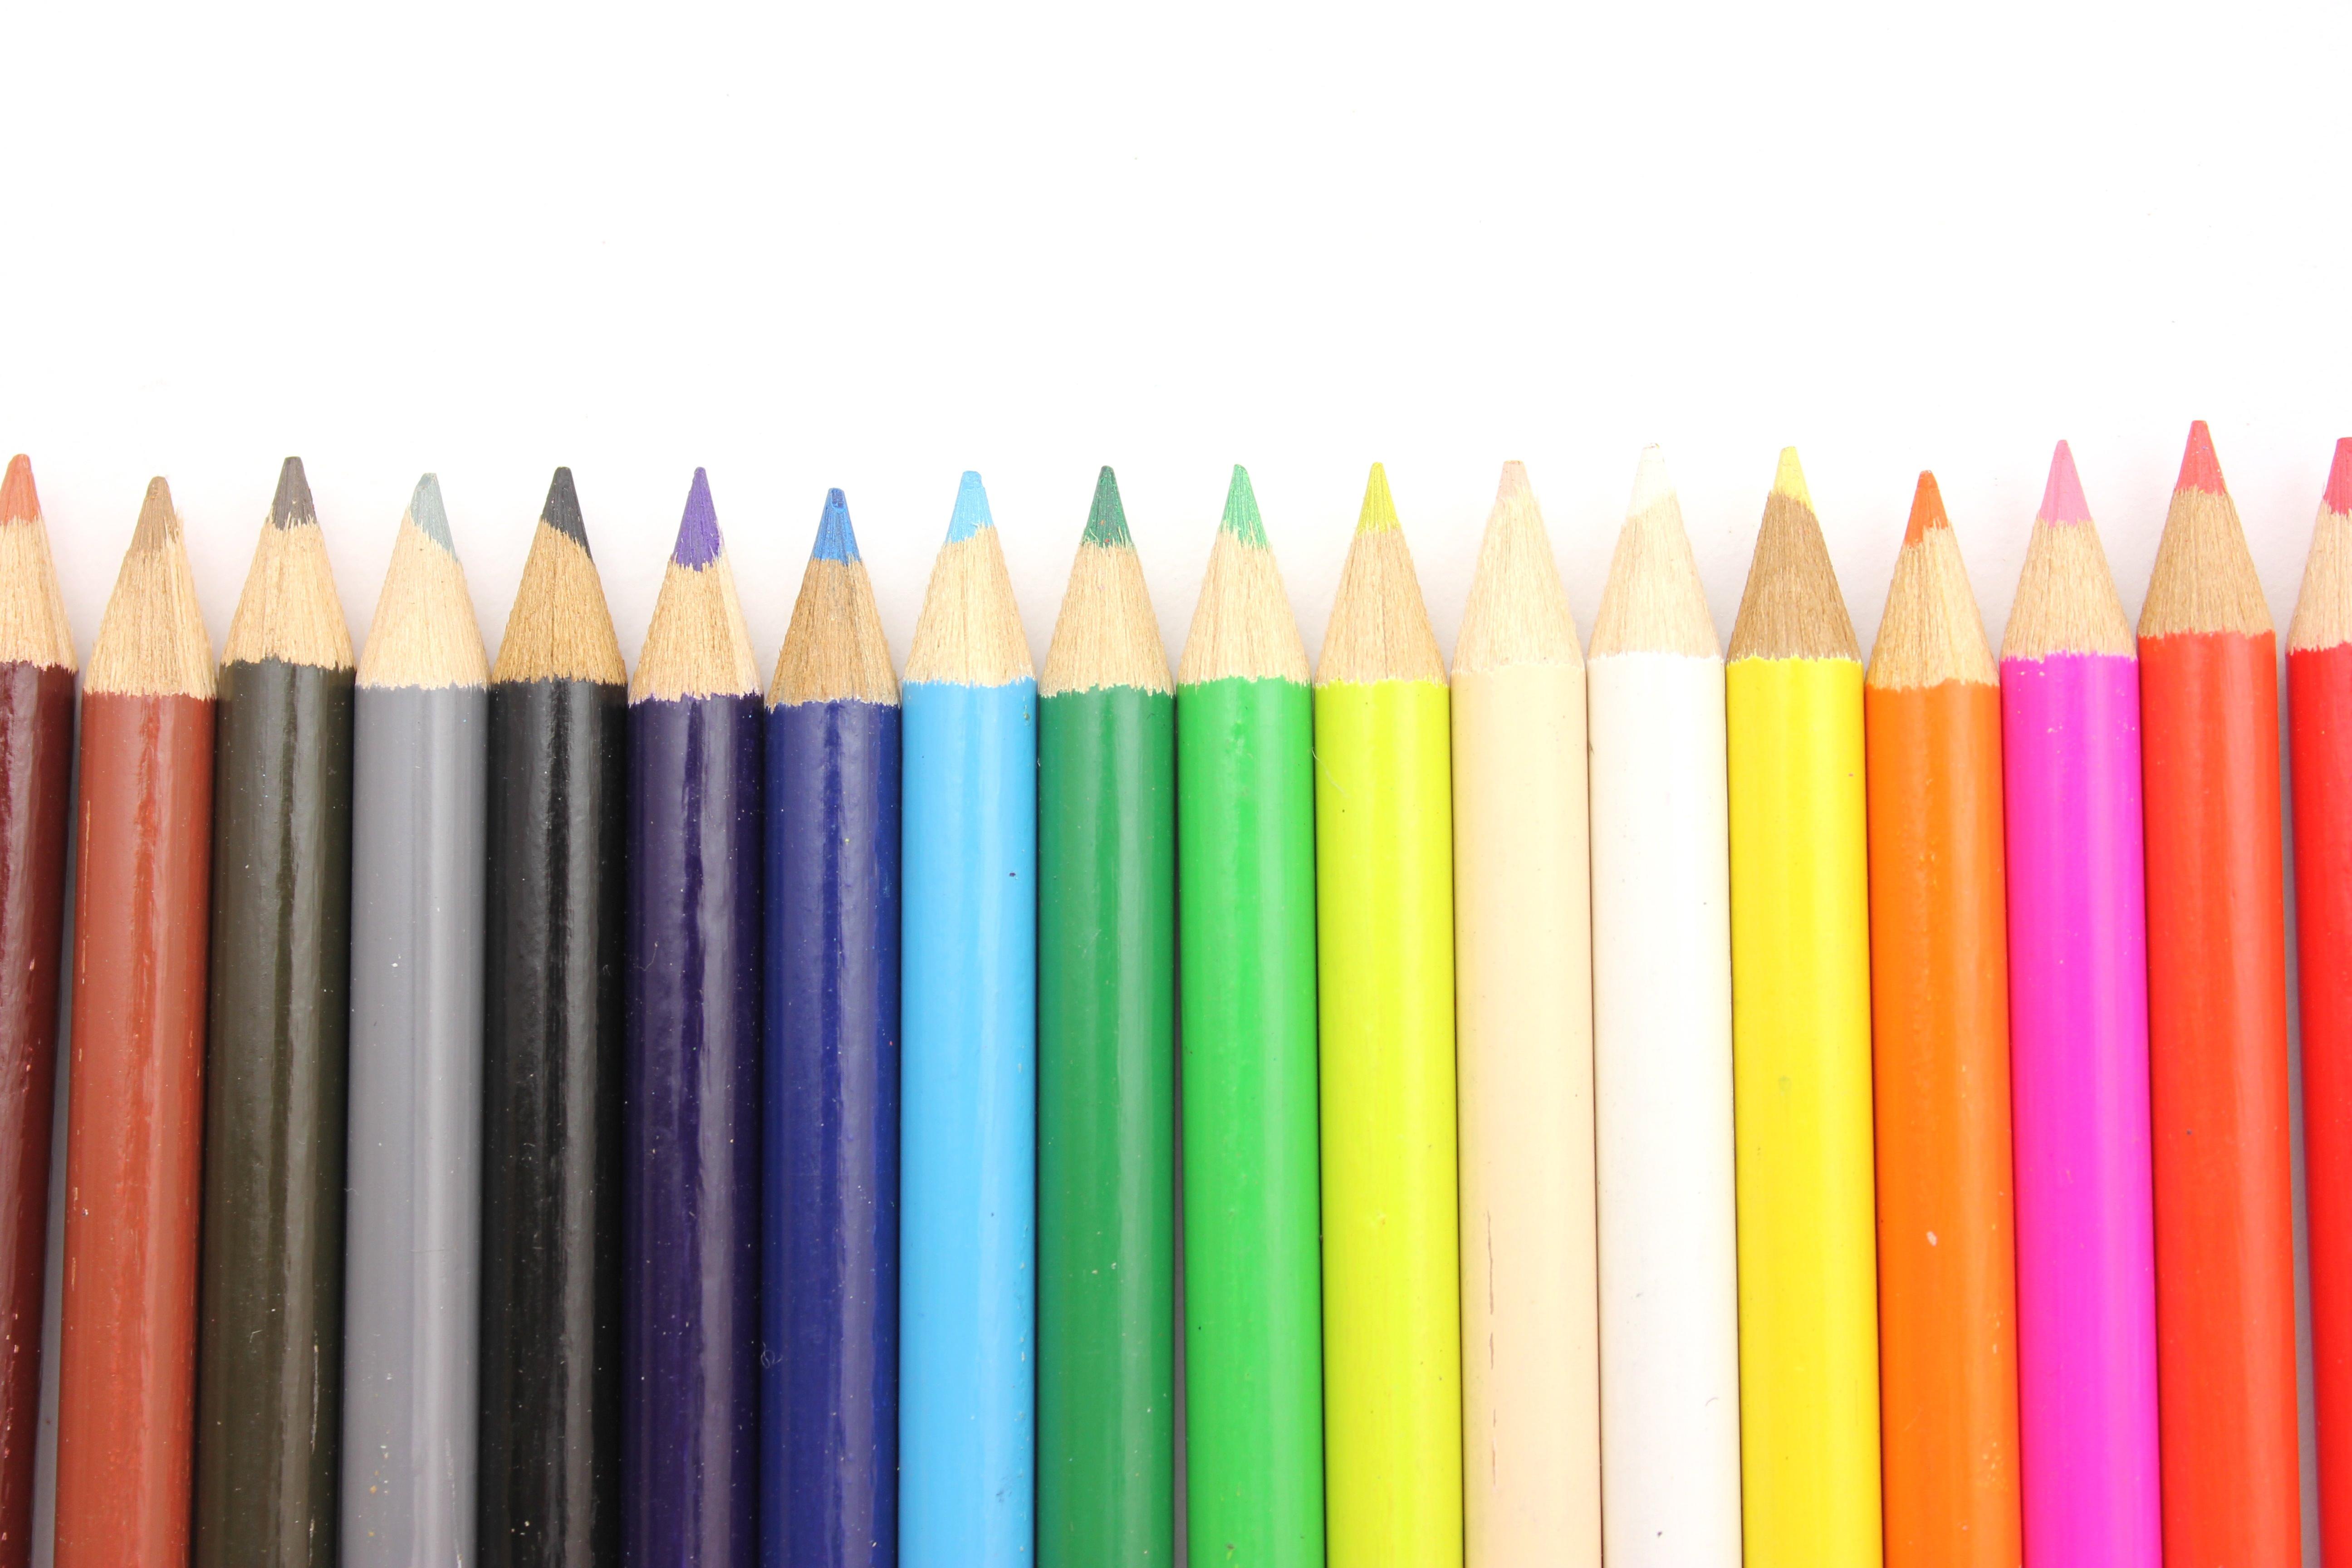 デザインで参考になる配色と3つの効果